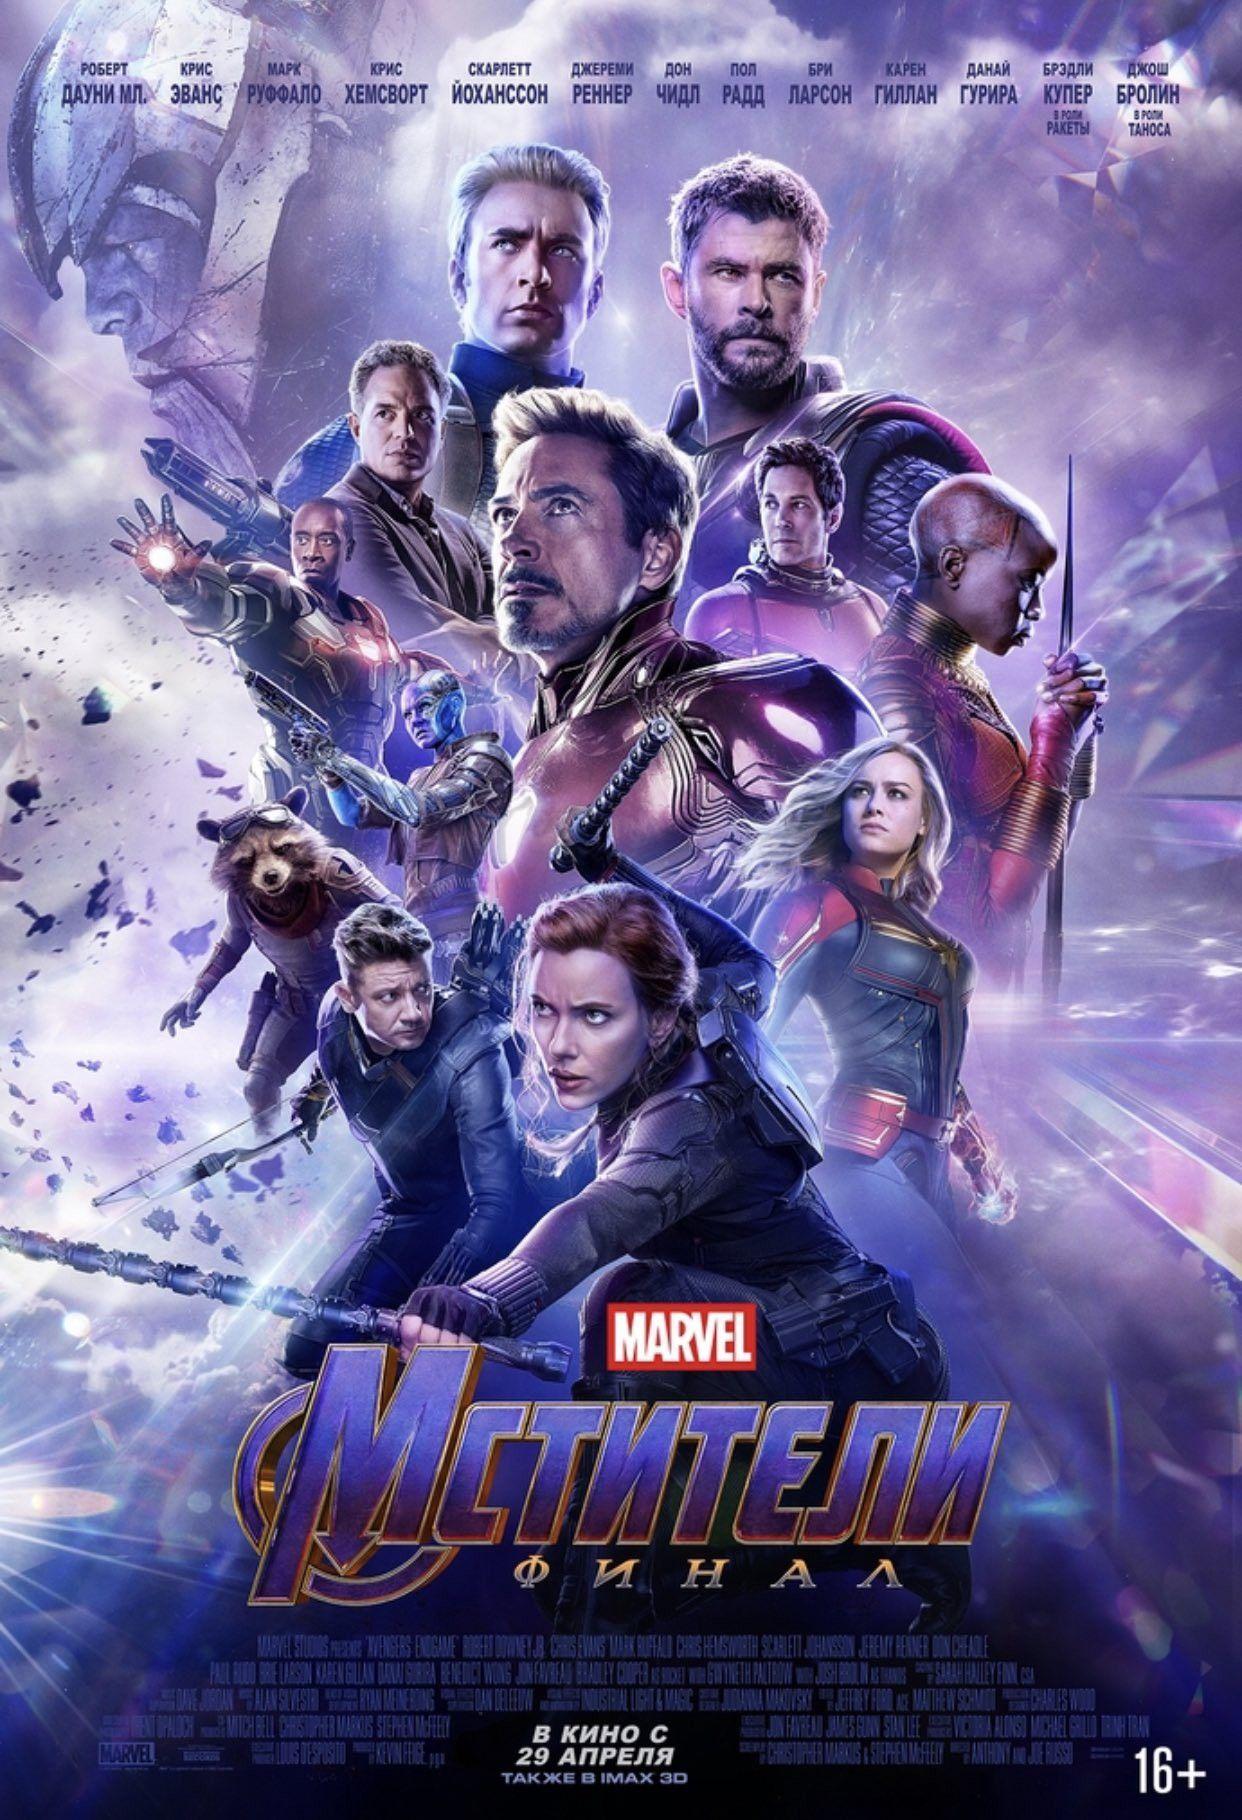 avengers: endgame - international poster   the muse board   marvel